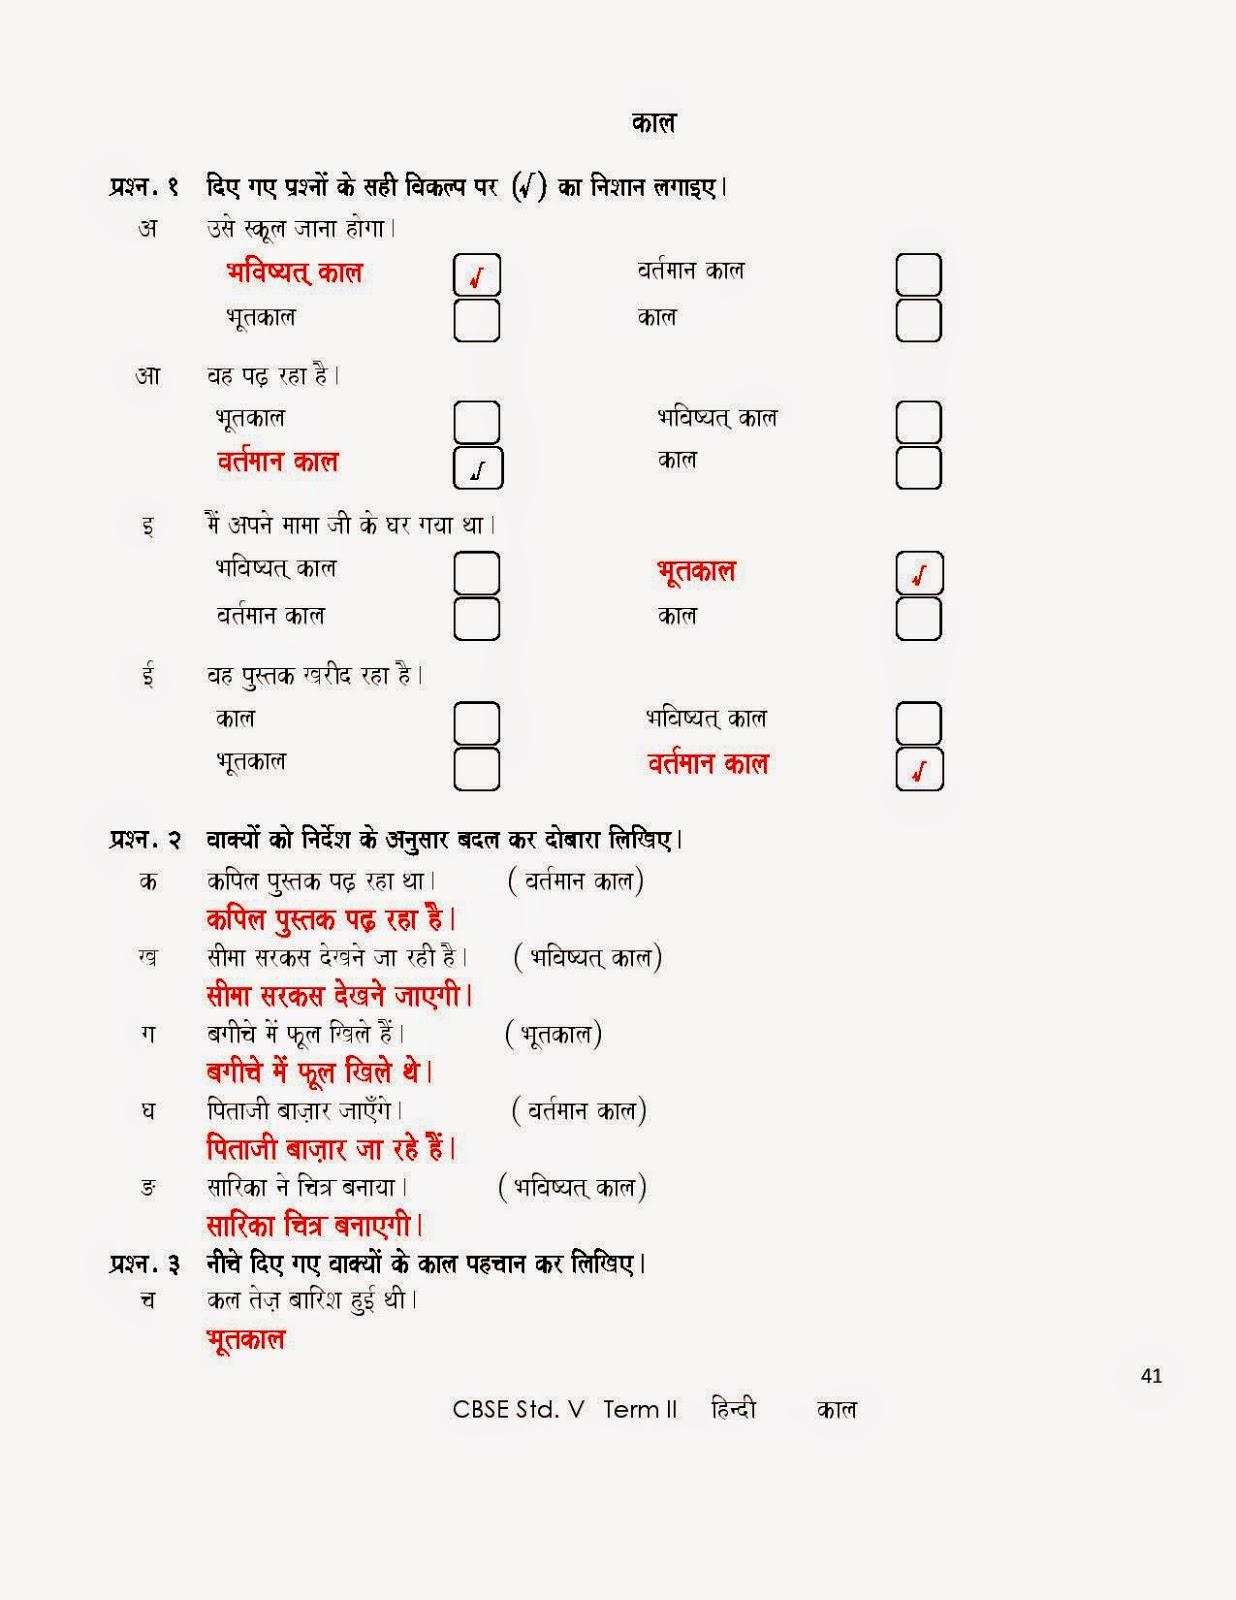 Worksheets Hindi Worksheets stars of pis ahmedabad std v hindi worksheets worksheets